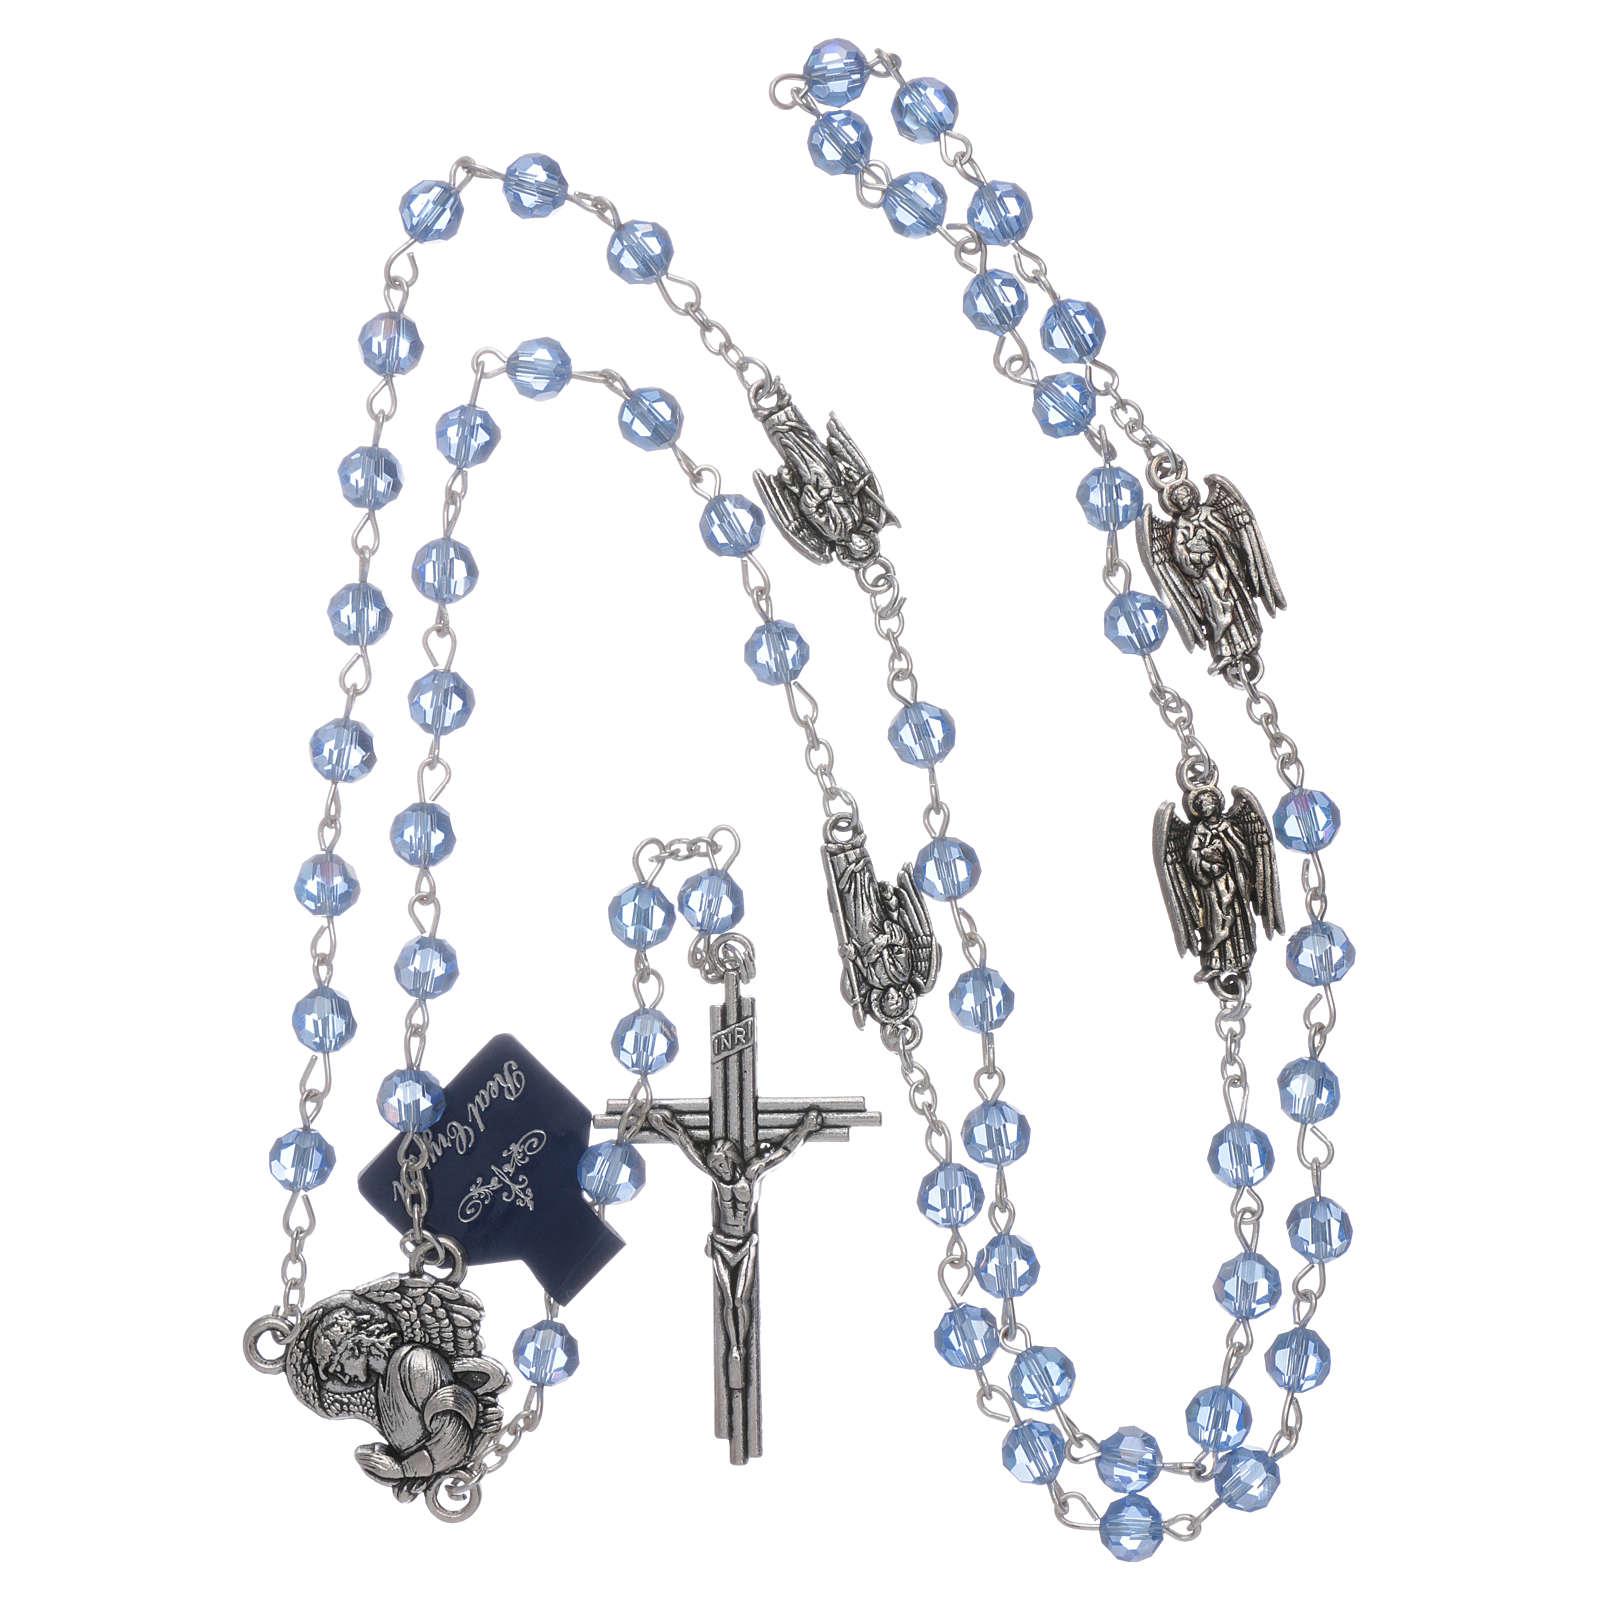 Rosario con Arcangeli cristallo con grani color acqua 6 mm 4